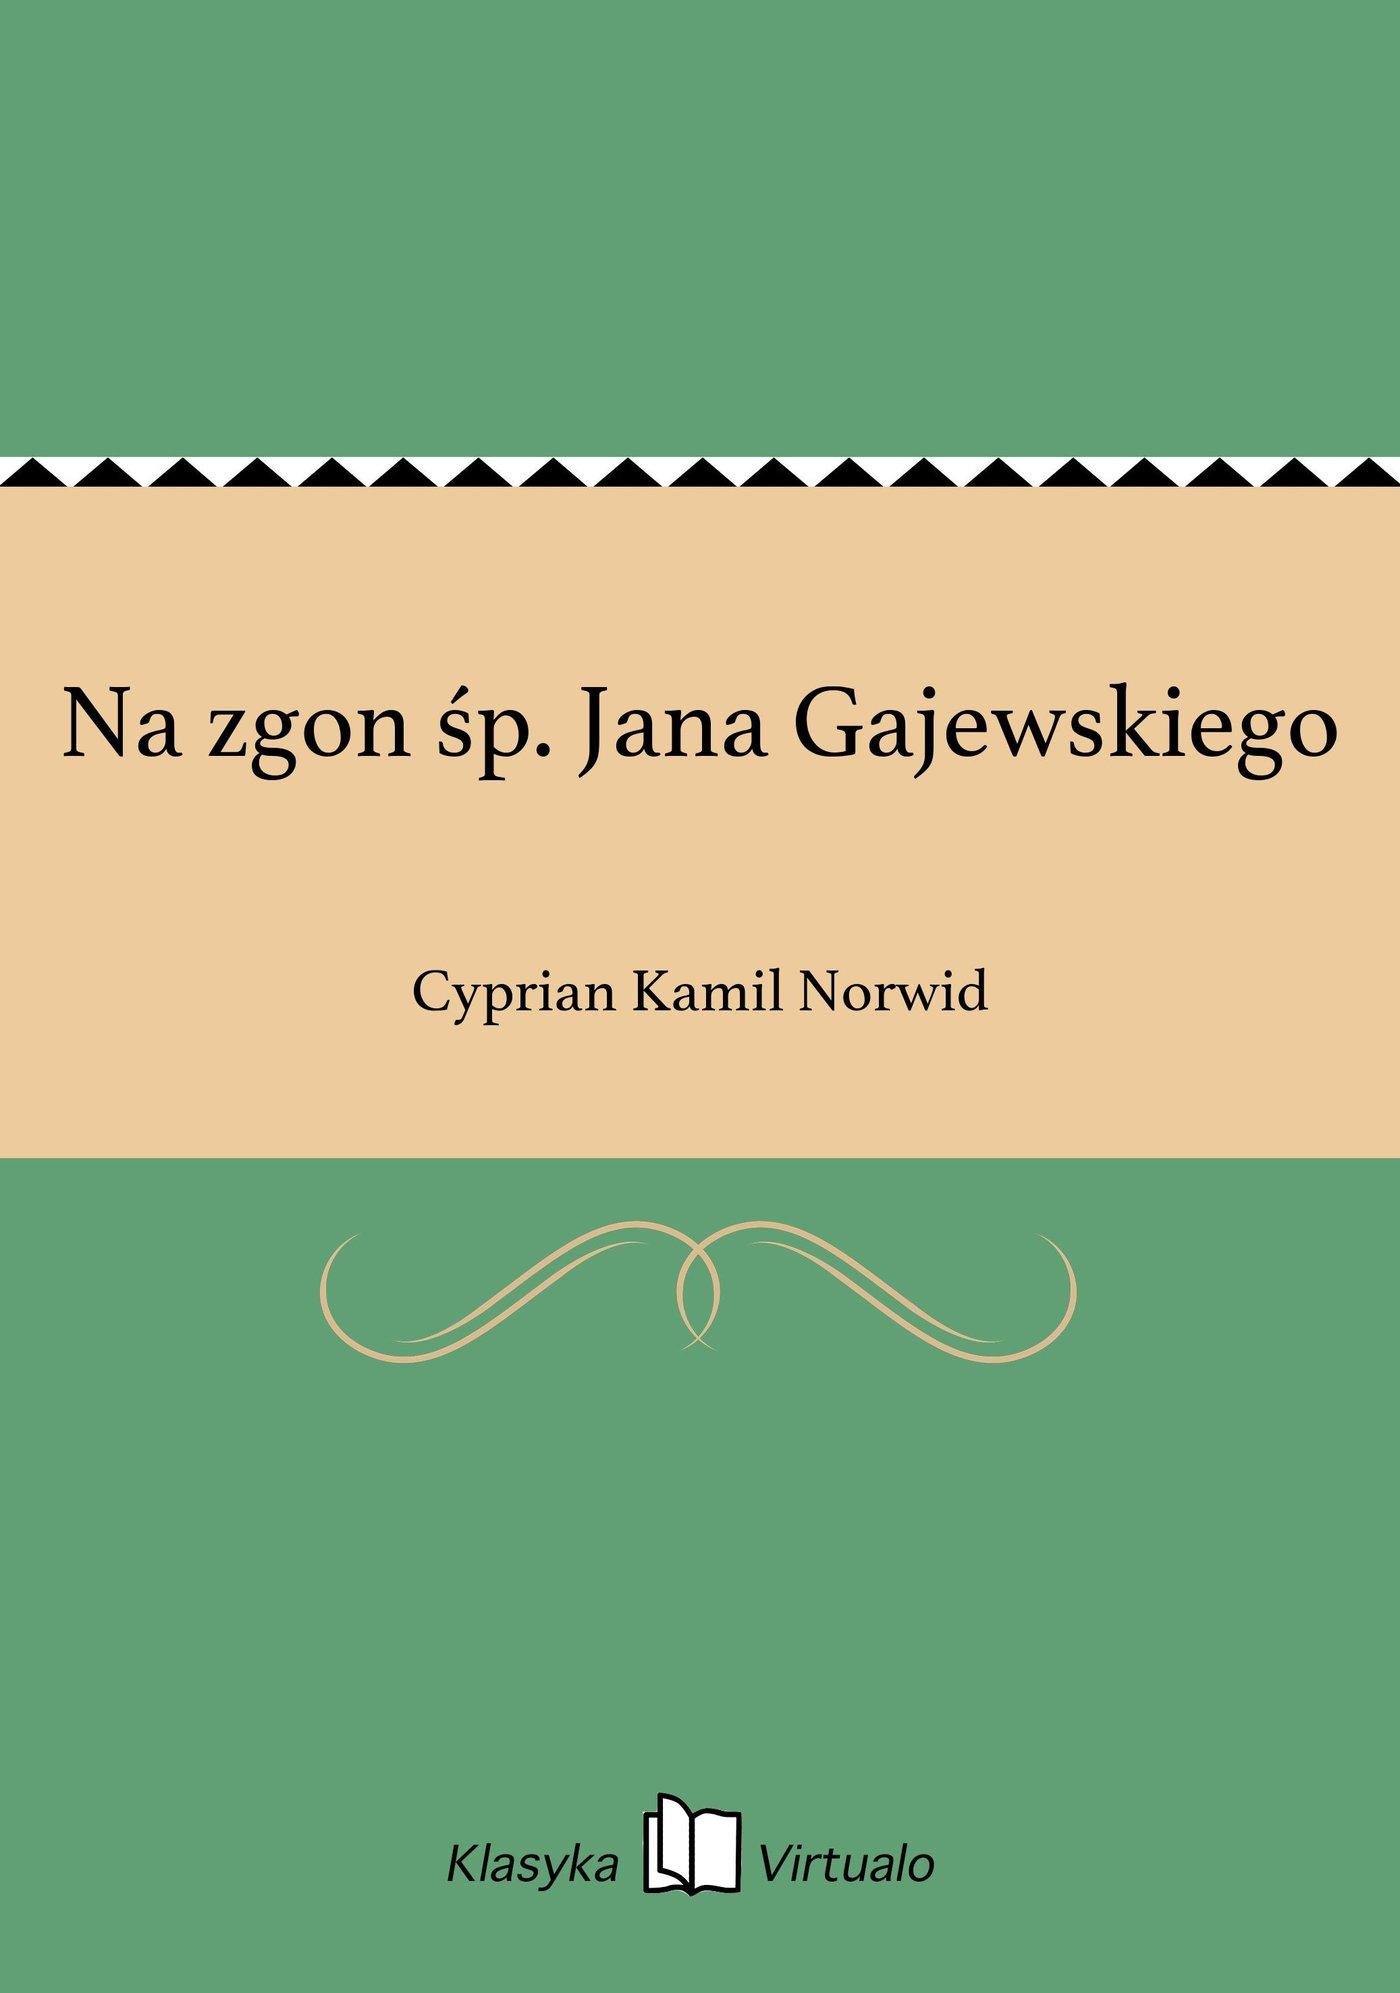 Na zgon śp. Jana Gajewskiego - Ebook (Książka na Kindle) do pobrania w formacie MOBI